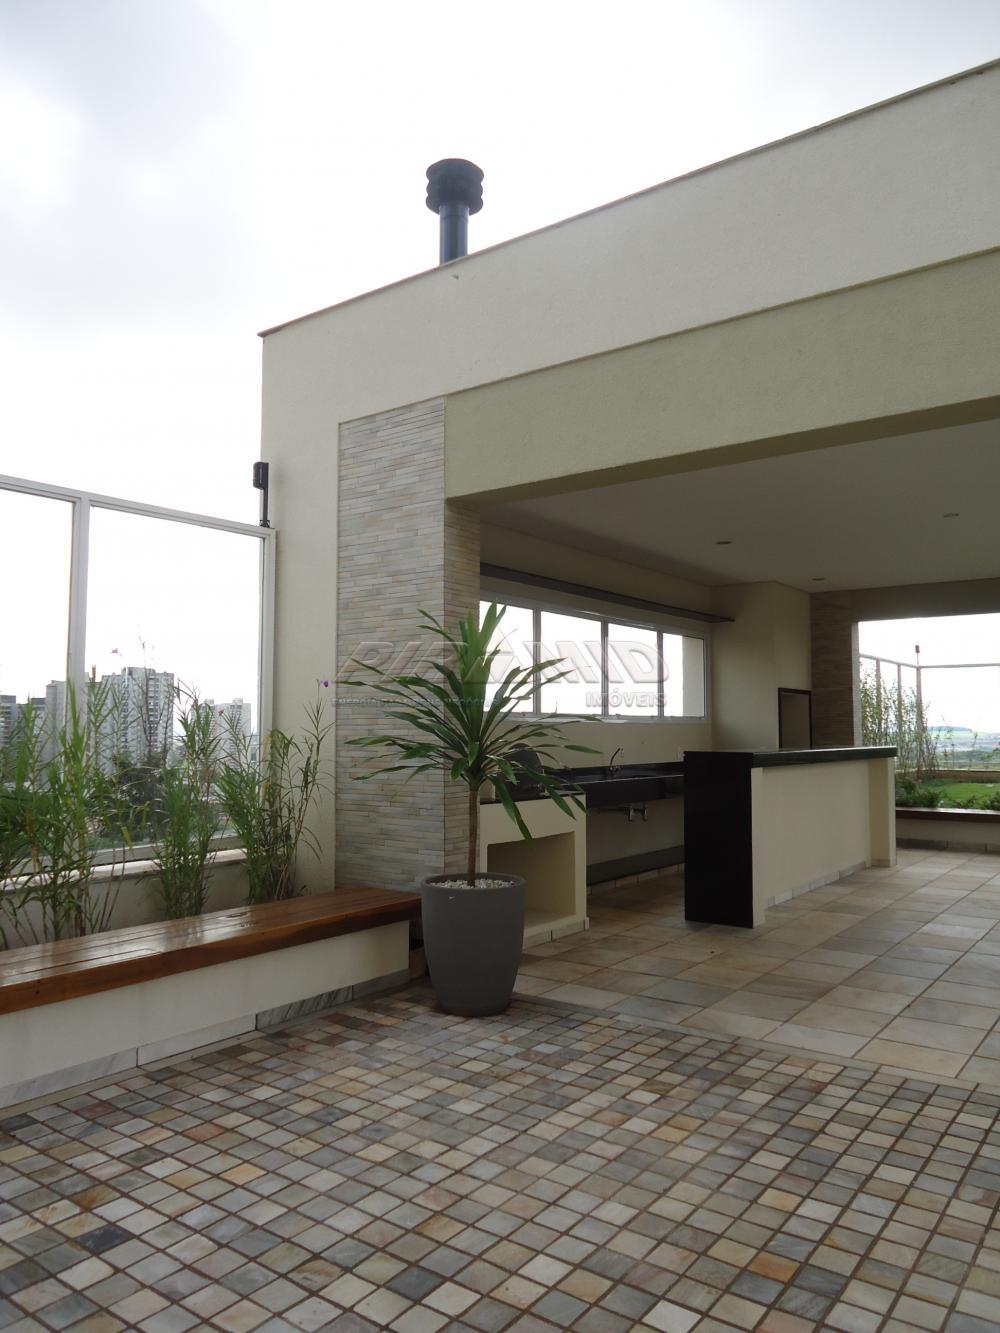 Comprar Apartamento / Padrão em Ribeirão Preto R$ 1.360.000,00 - Foto 10